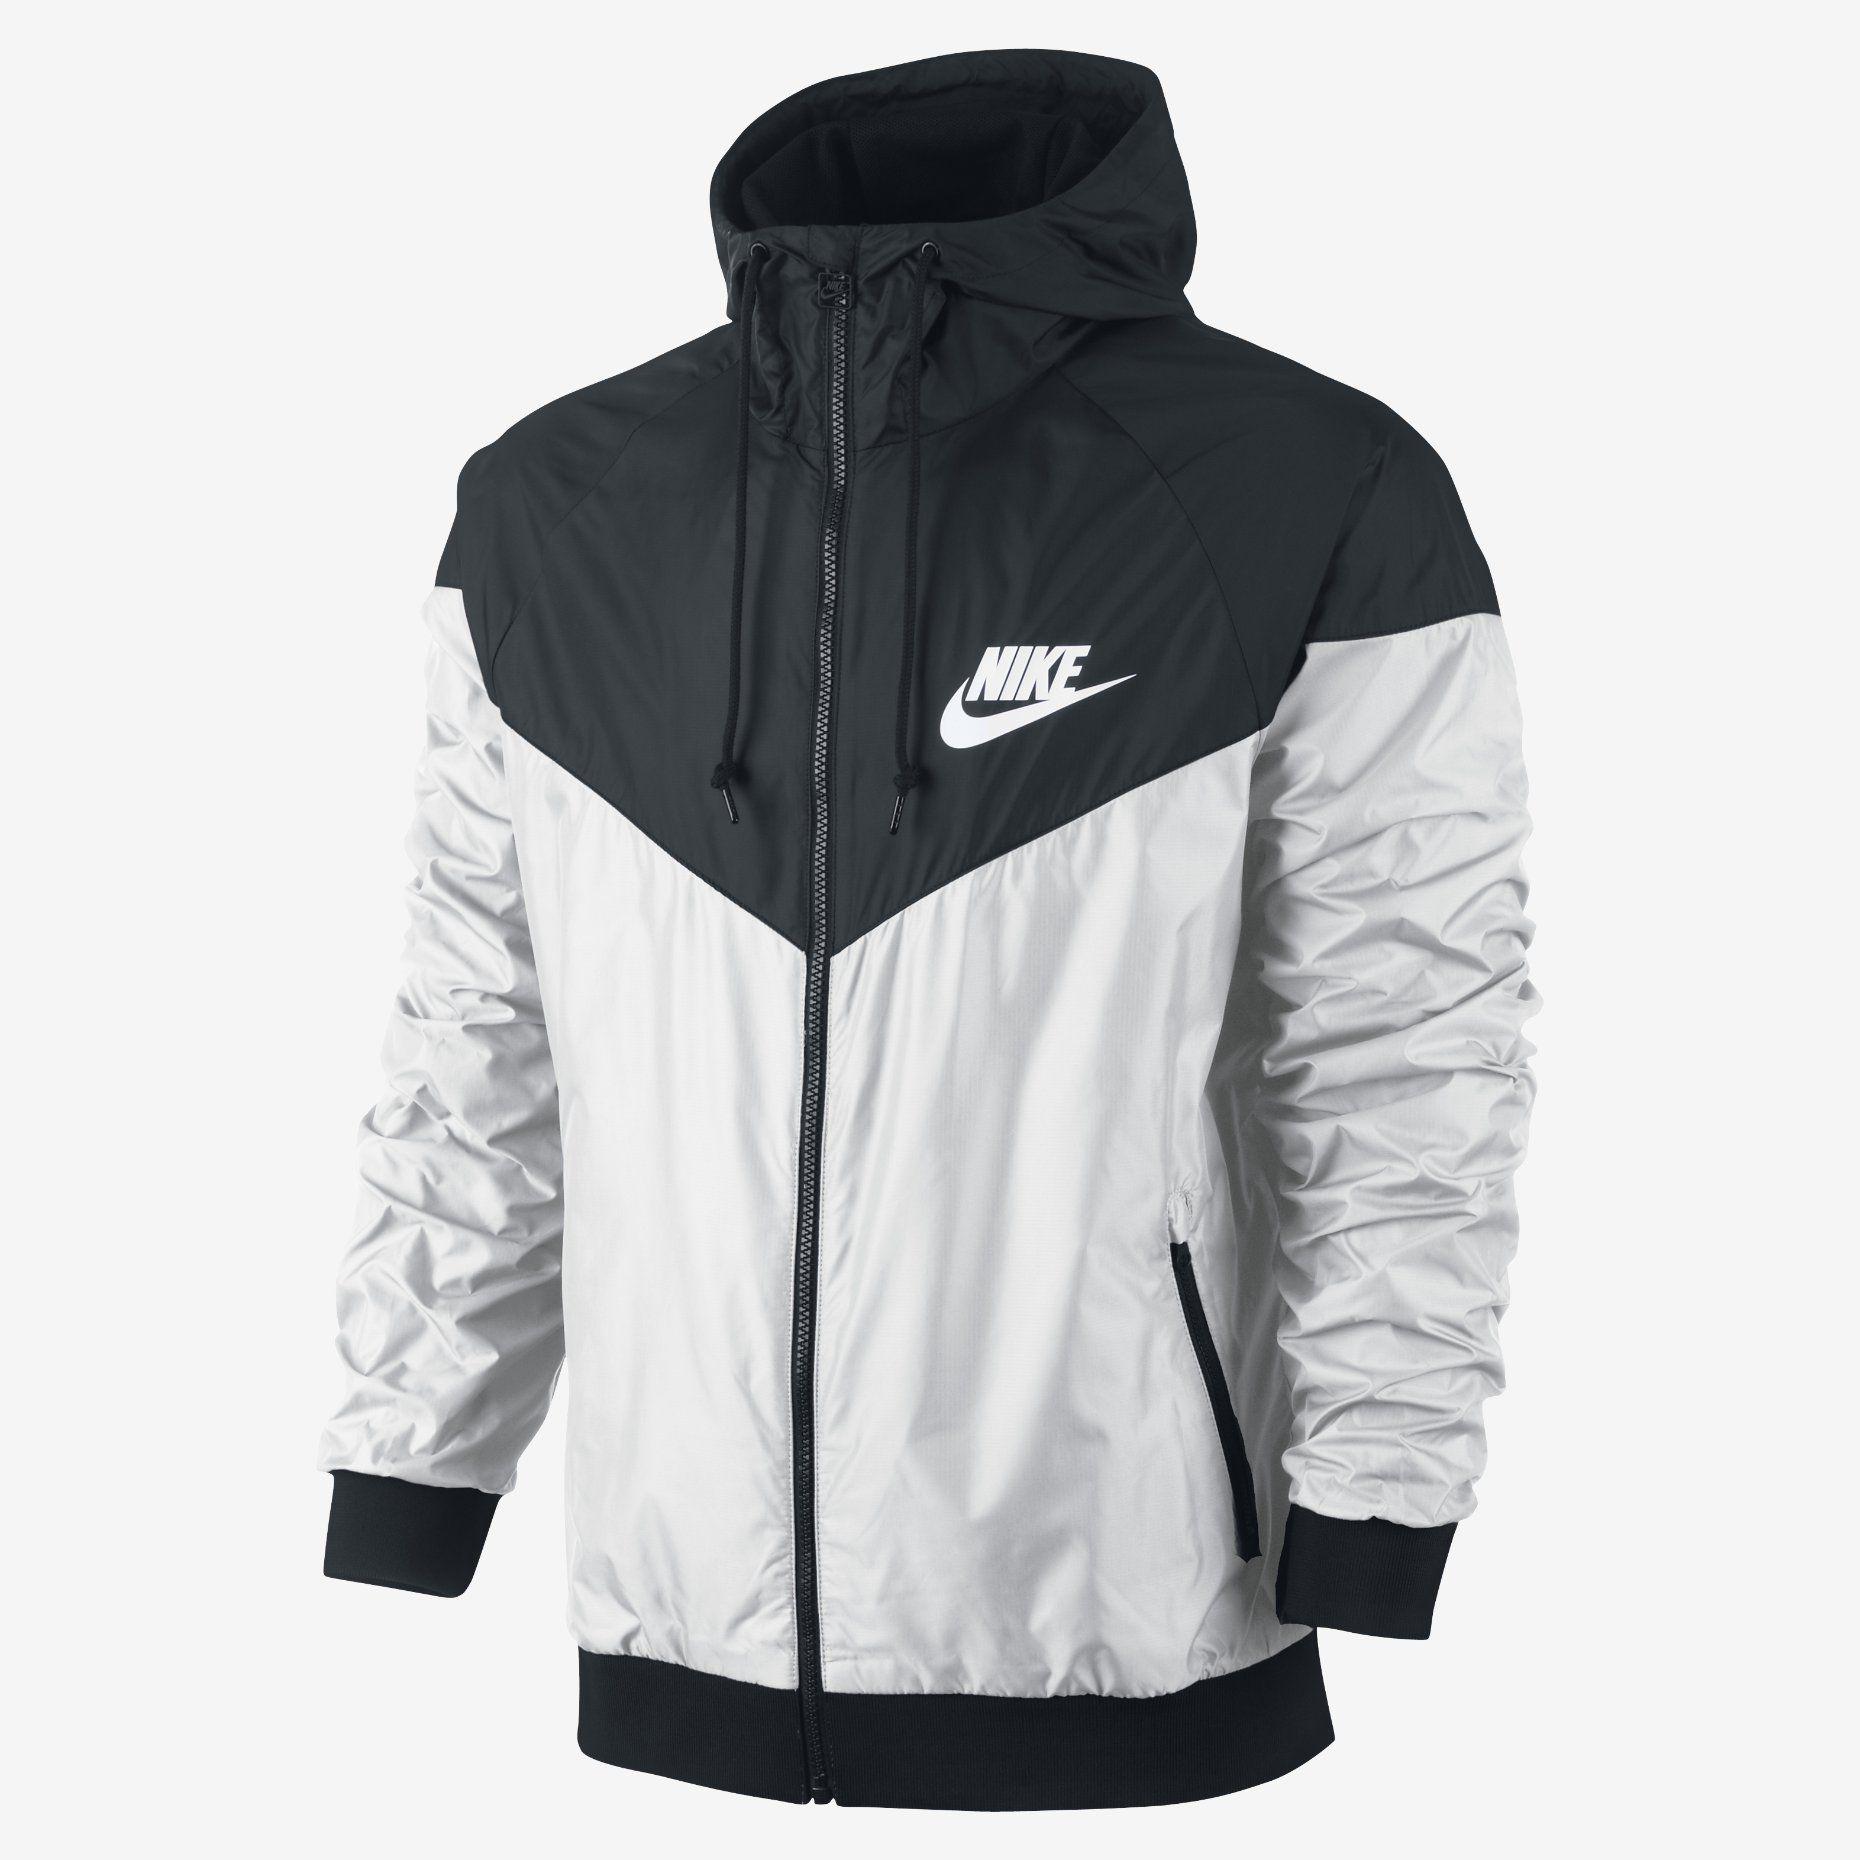 Nike jackets cheap - Nike Windbreaker